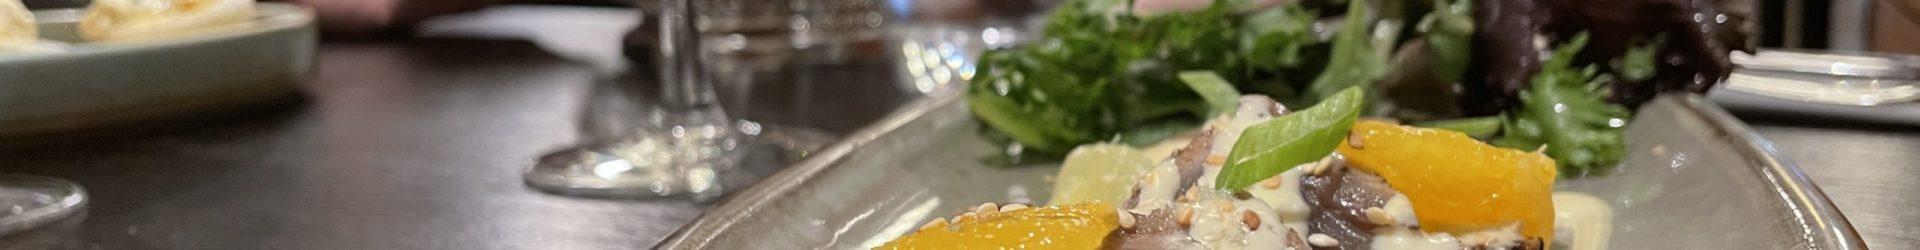 Bouillon Baratte : le bon goût de fourchette